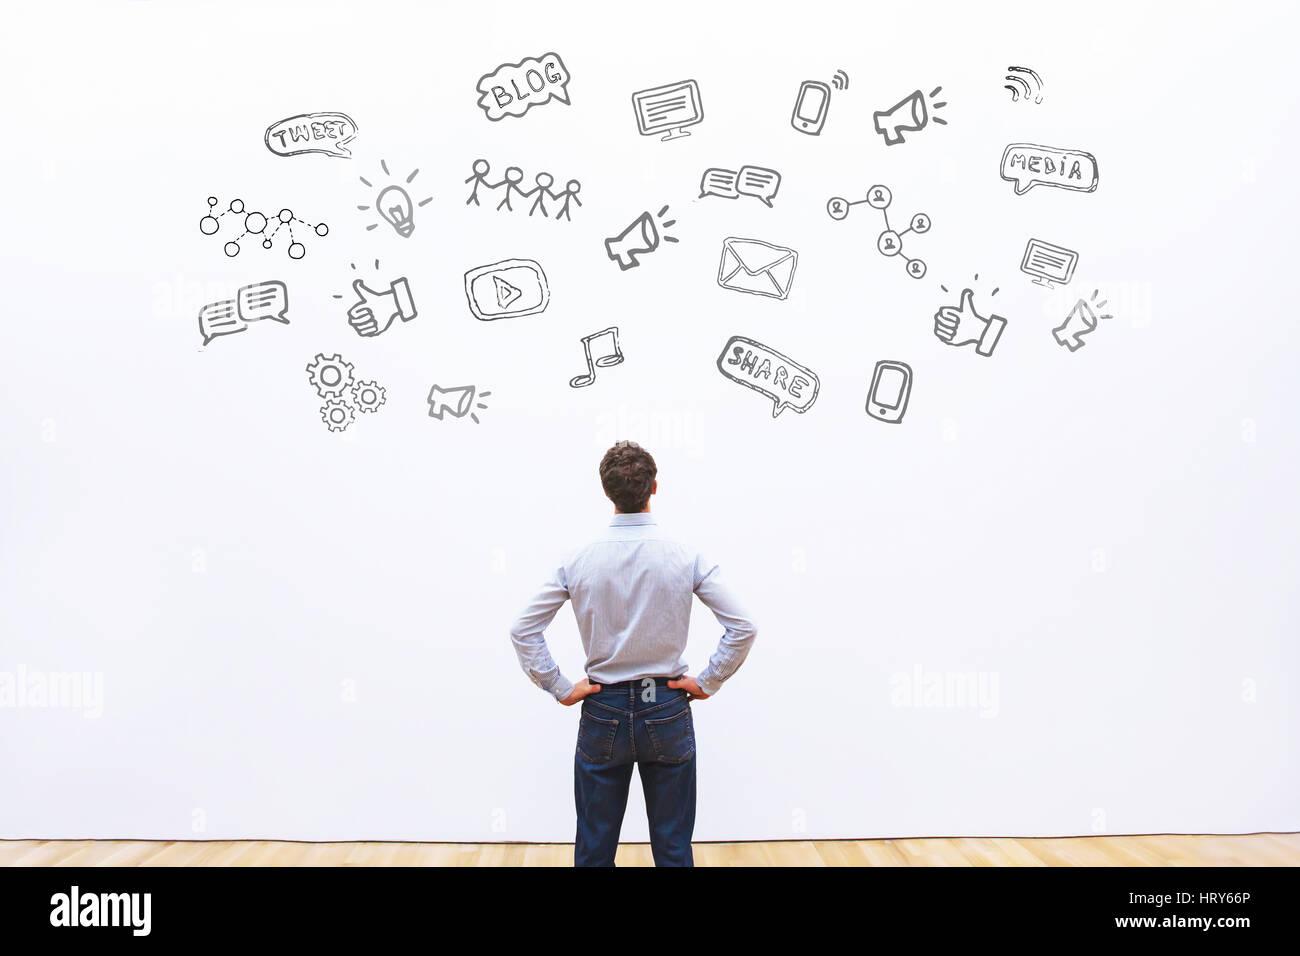 El concepto de red social media o antecedentes, hombre mirando los iconos de tweet, Compartir como y blog Imagen De Stock